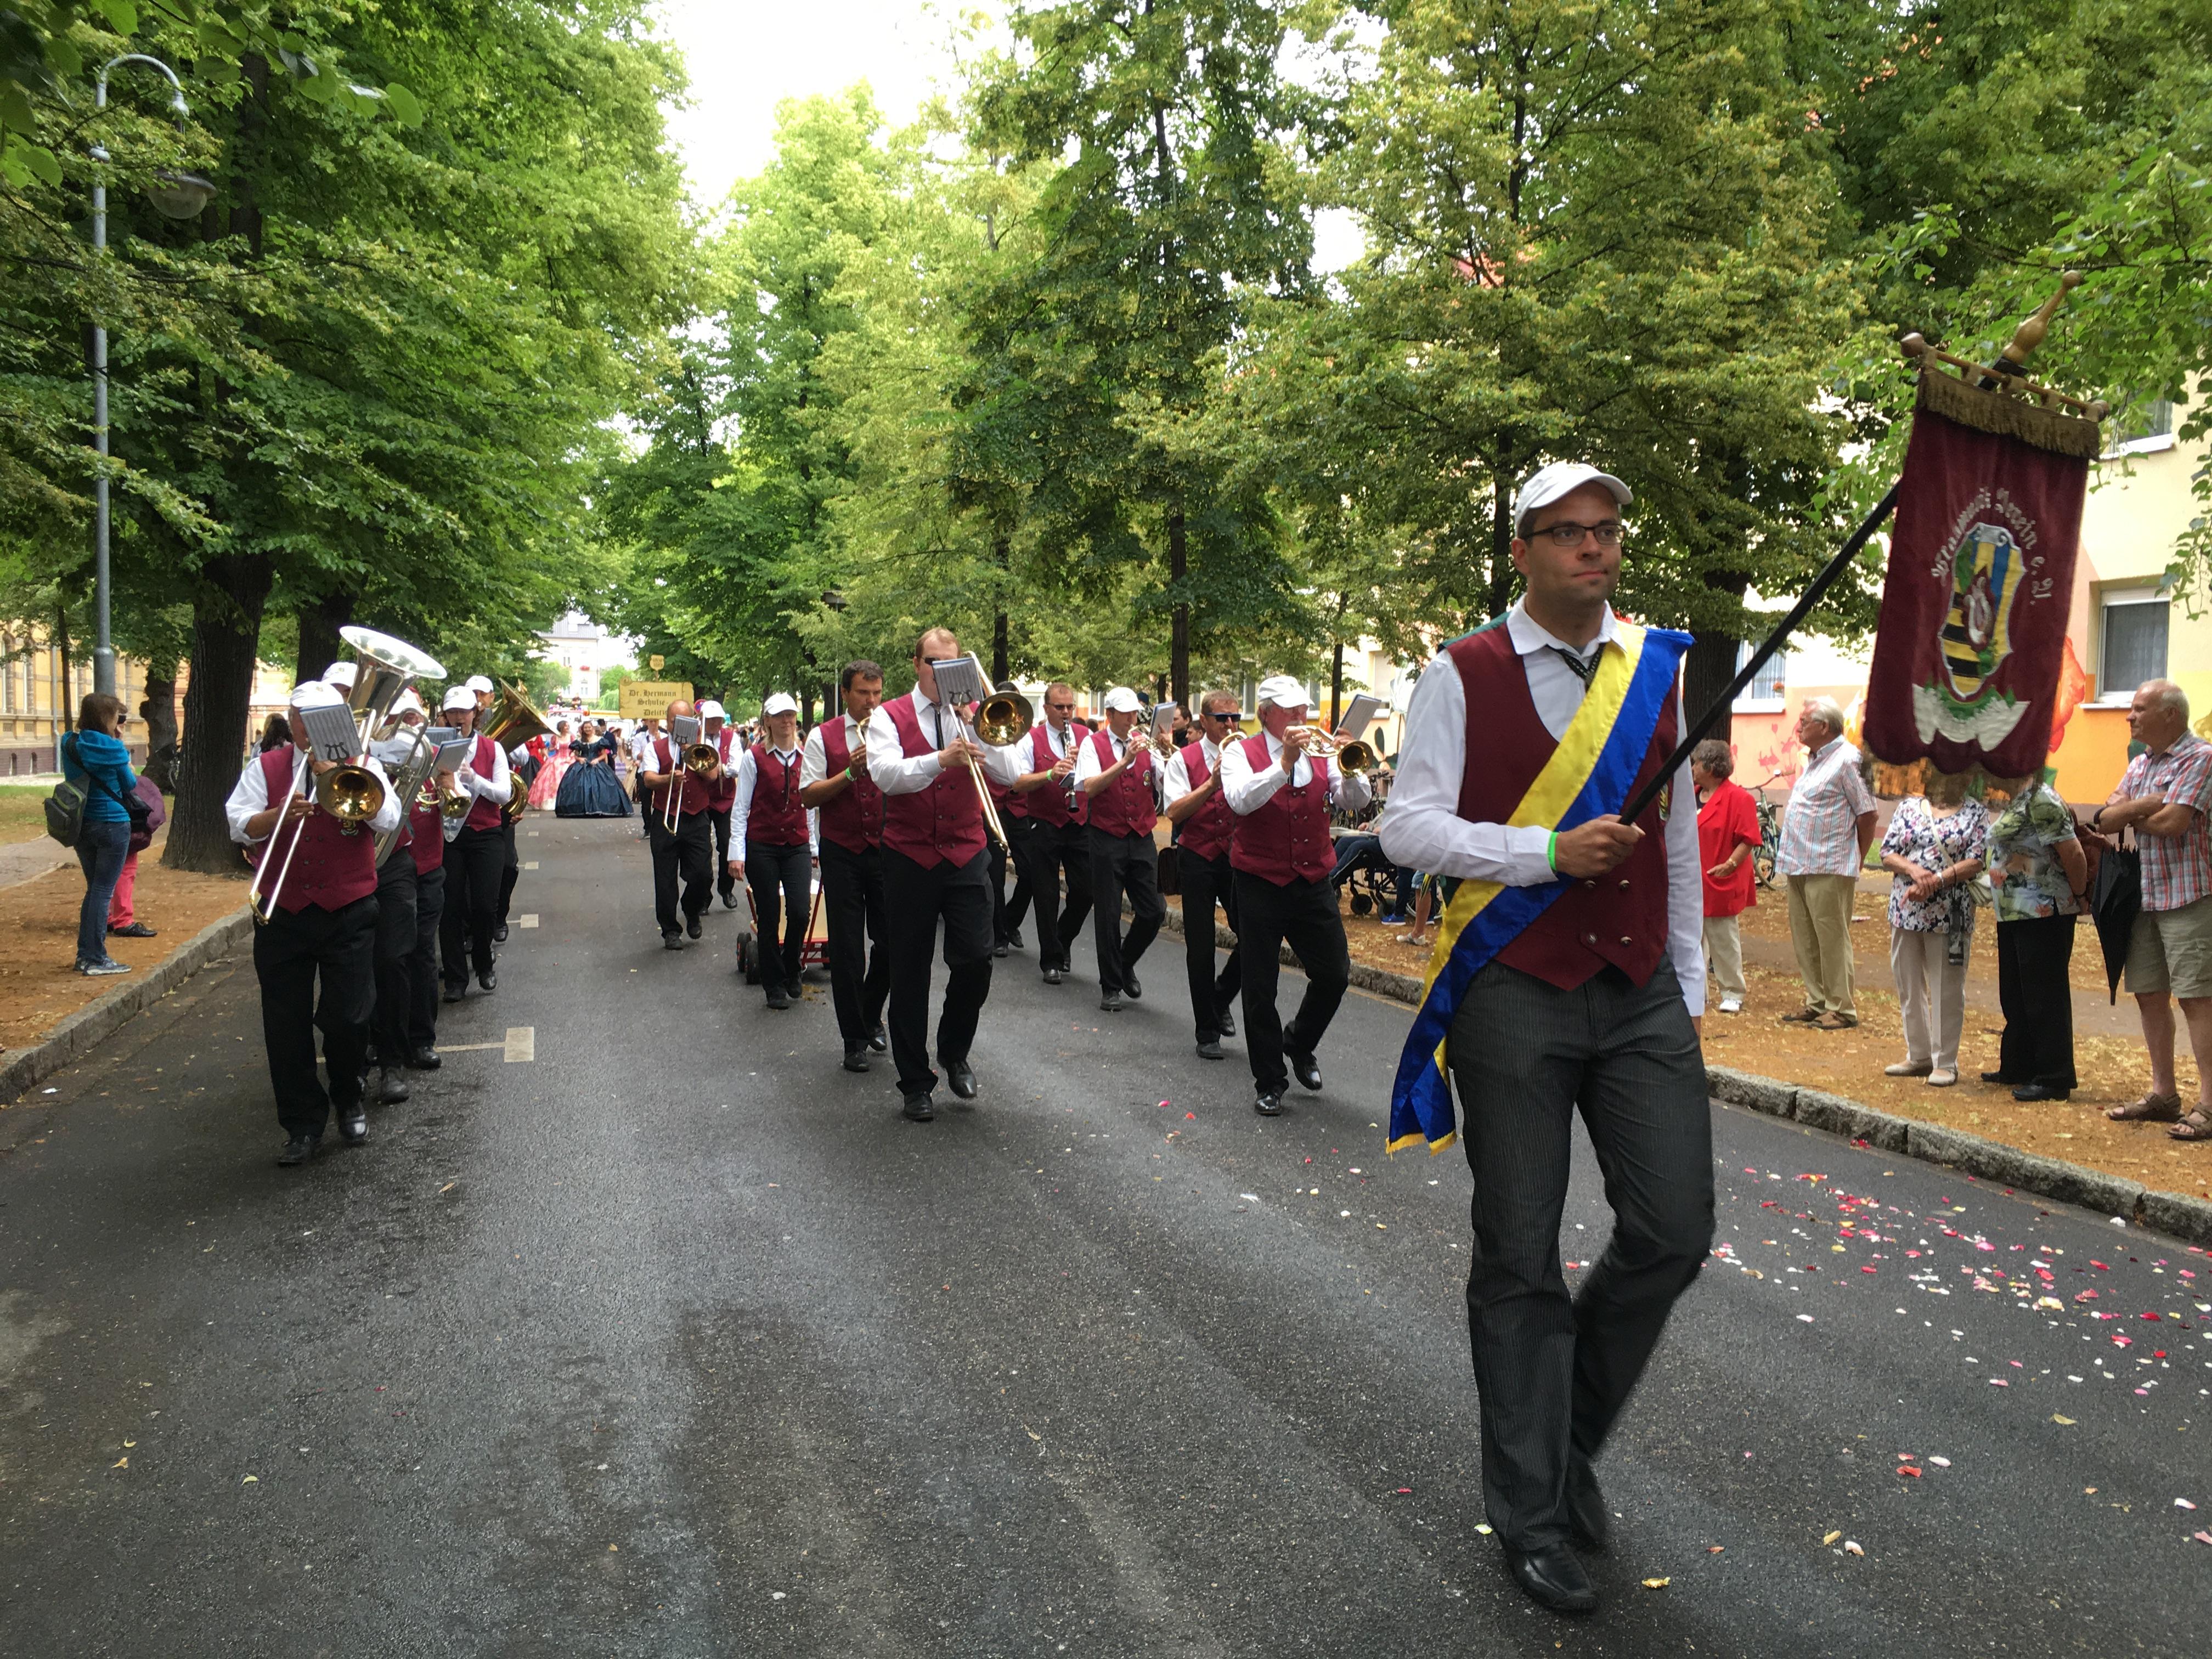 Festumzug Peter und Paul Delitzsch 2016 - Blasmusikverein Schenkenberg e.V.